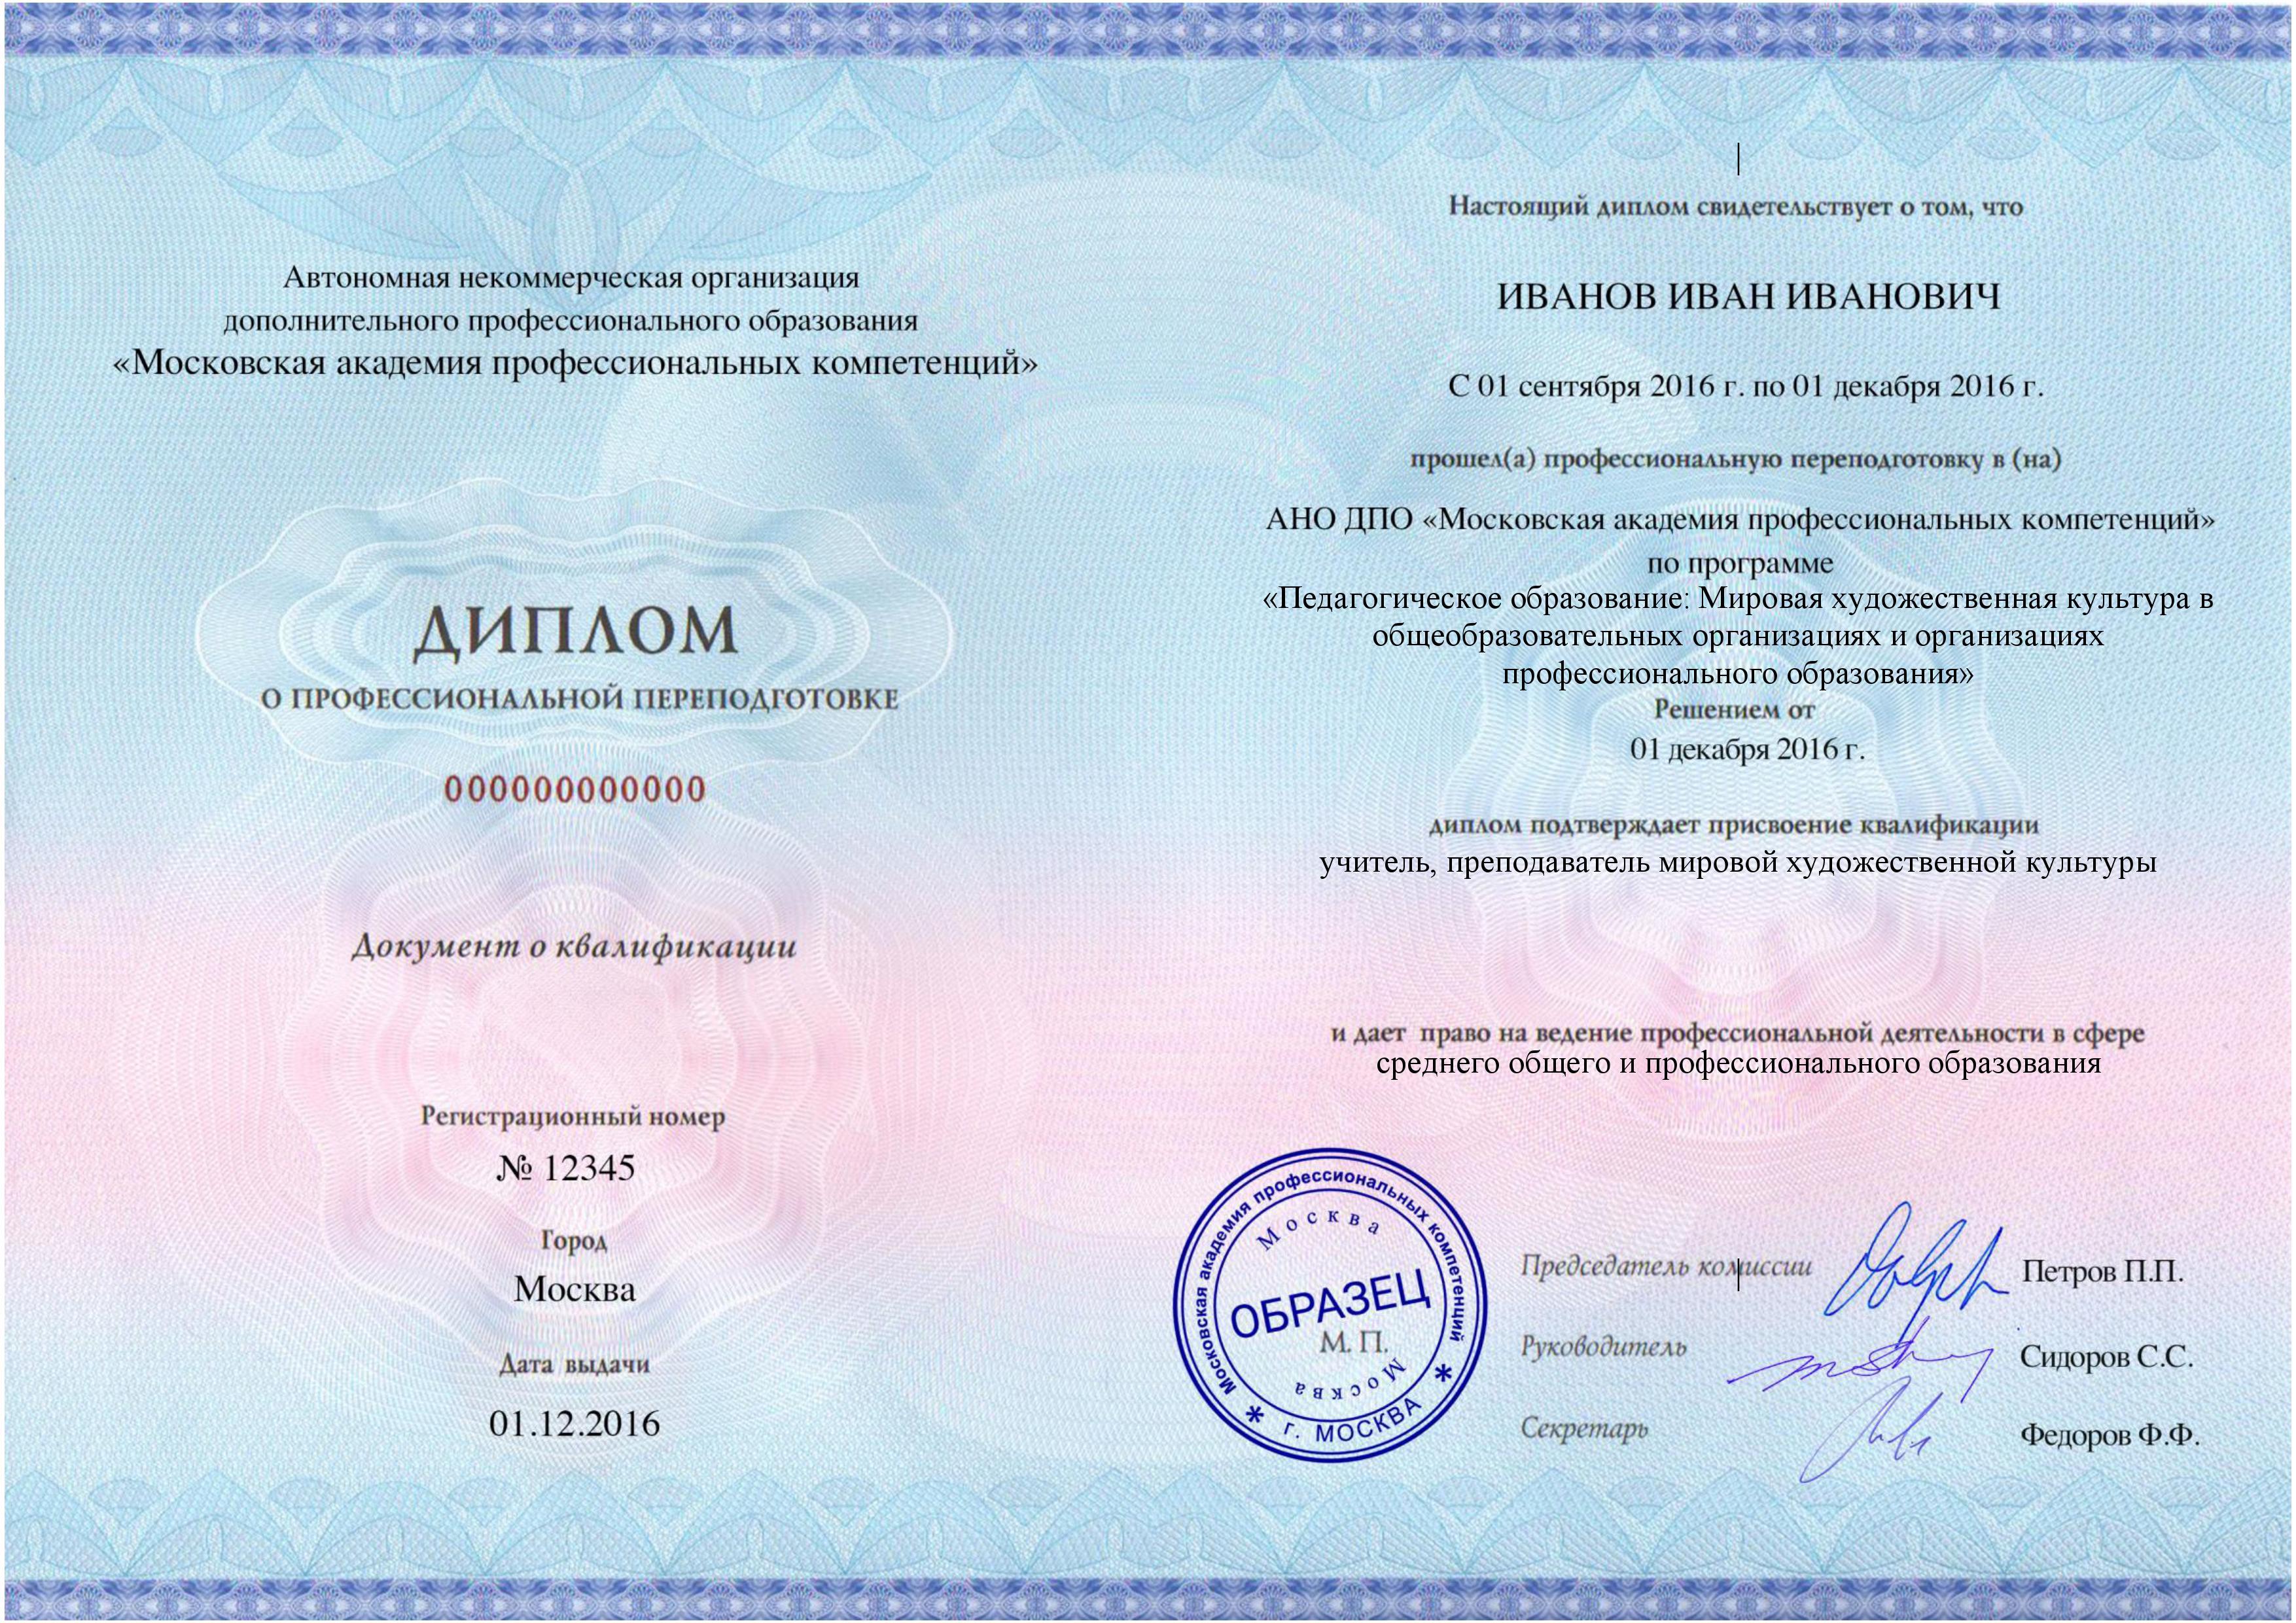 Педагогическое образование Мировая художественная культура в  Диплом с присвоением квалификации